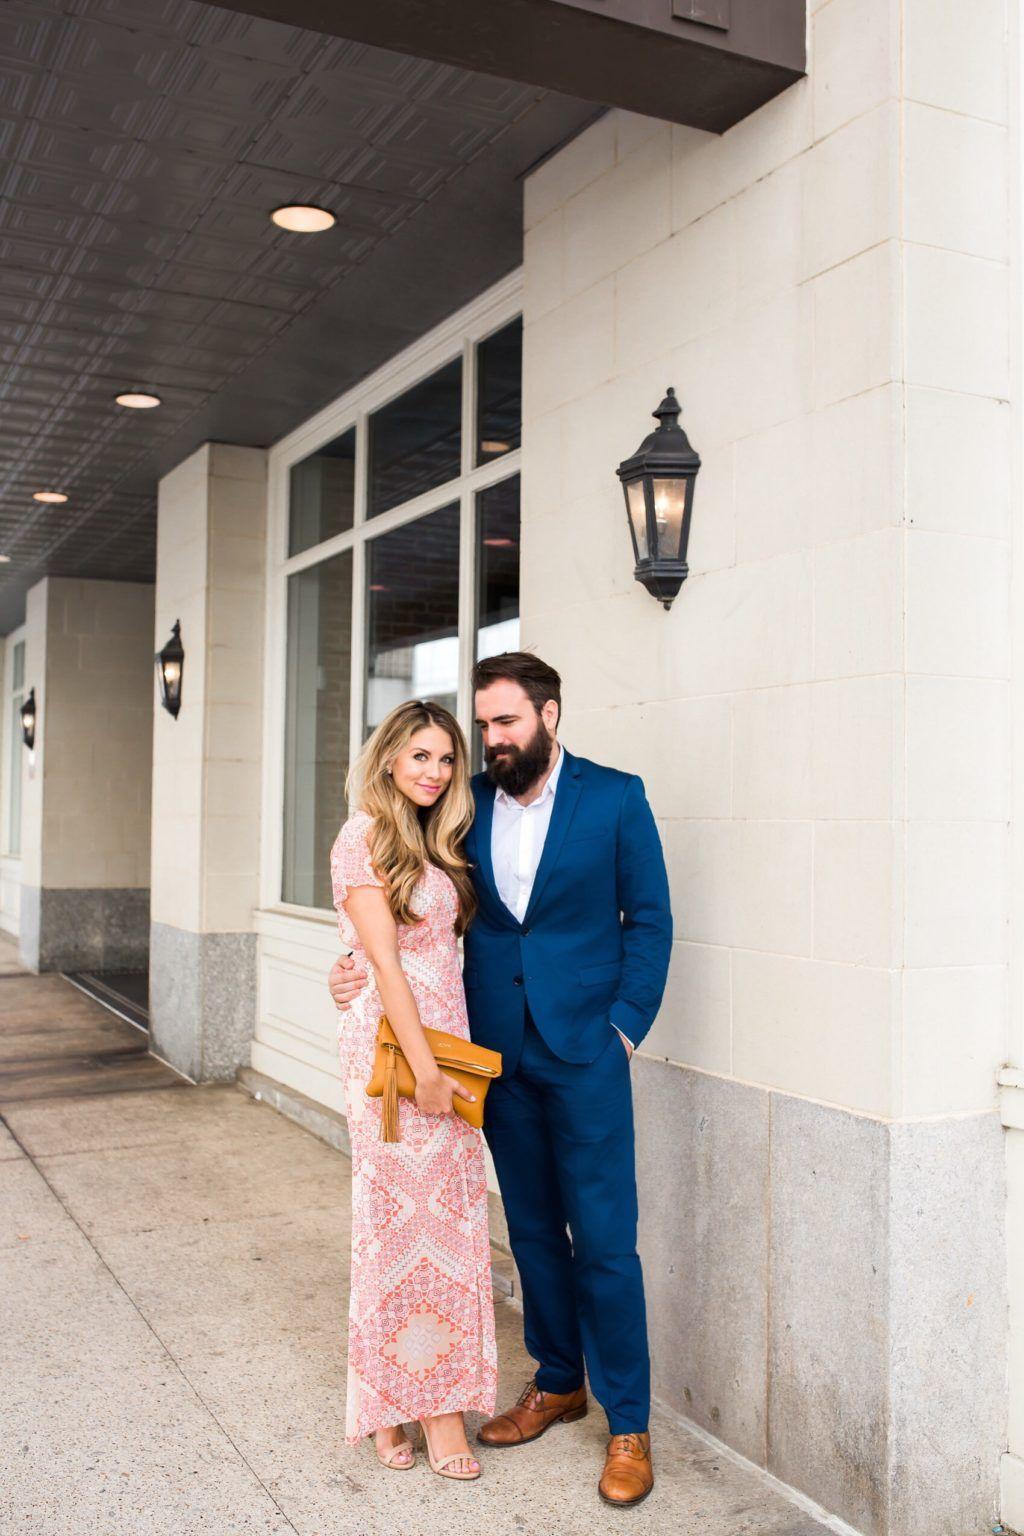 His & Her Wedding Guest Attire | iDeal Wardrobe : Men\'s | Pinterest